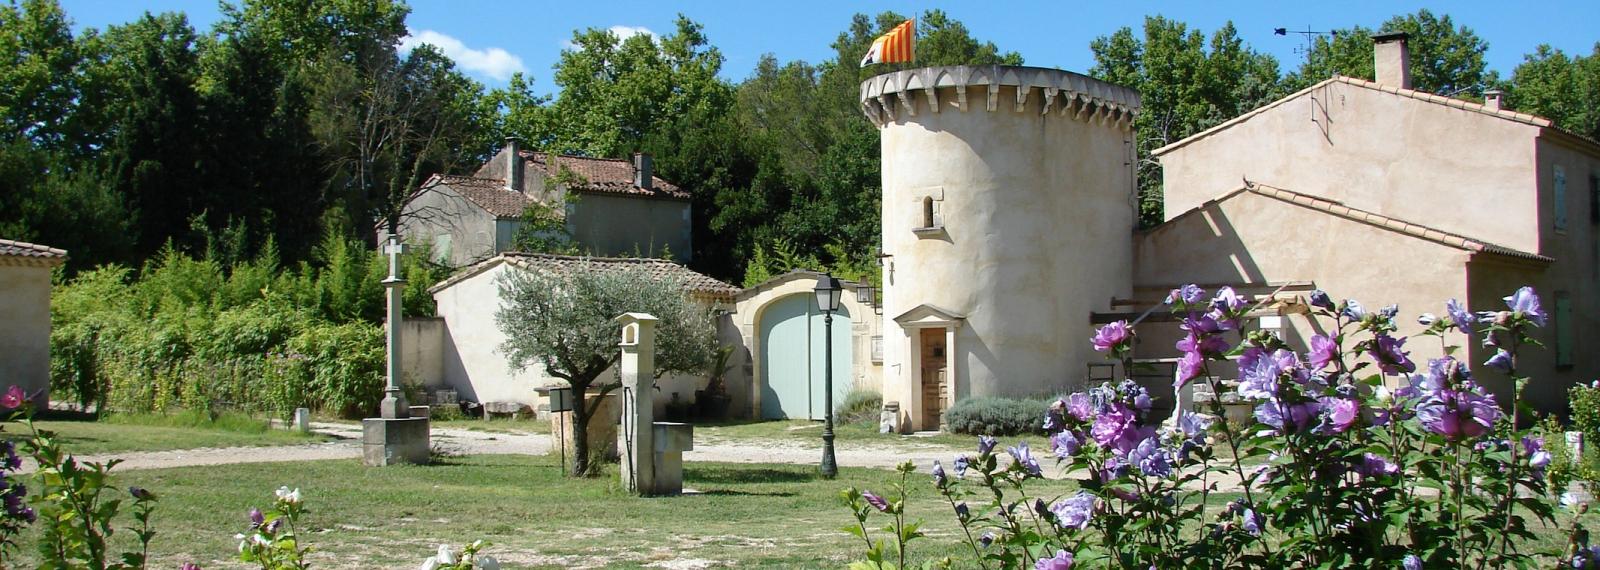 Camping Parc de la Bastide à Saint-Rémy-de-Provence